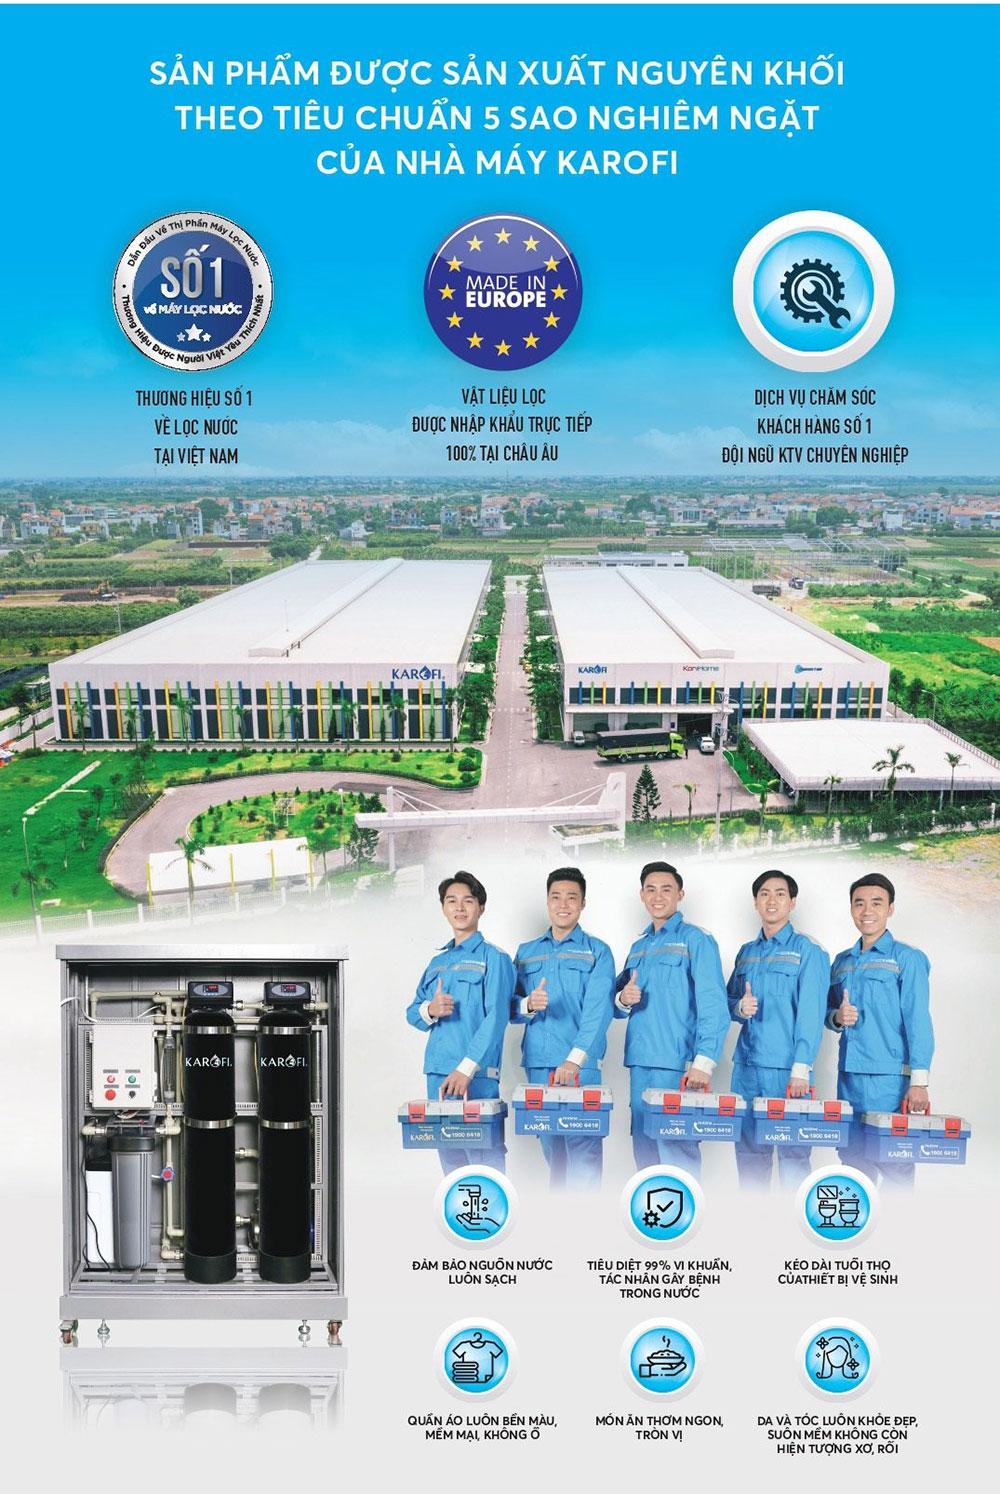 Tinh Nang 552 662 3 1